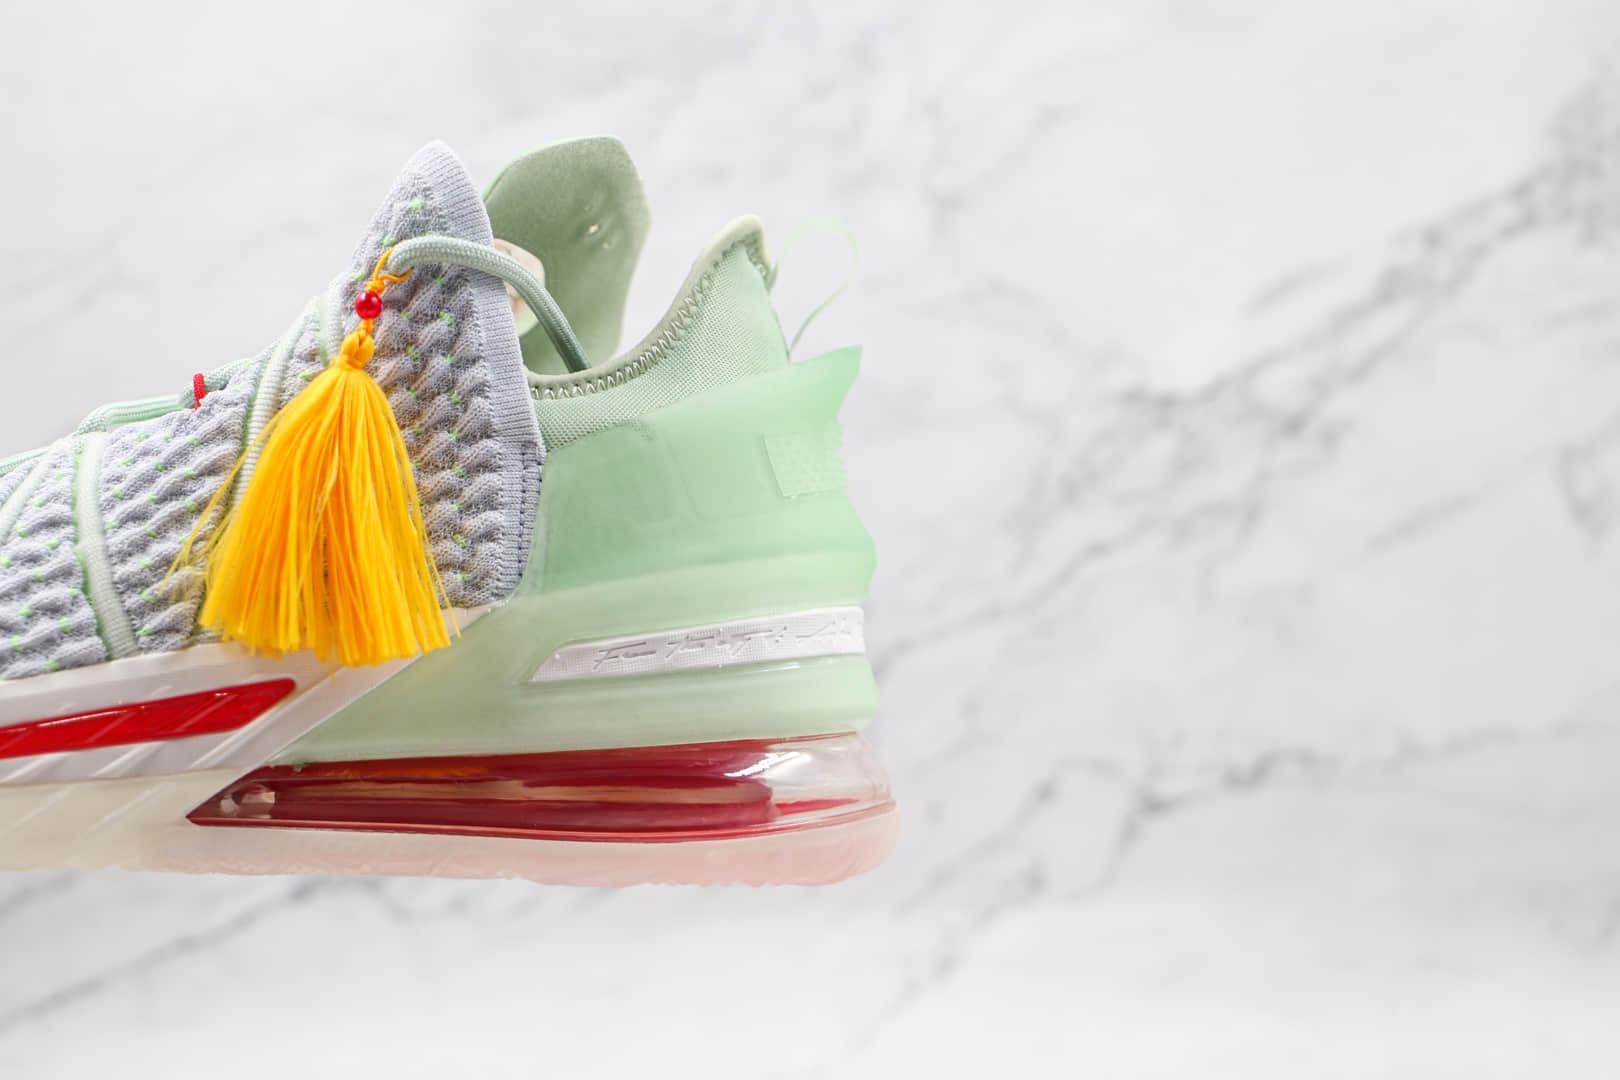 耐克NIKE LeBron 18纯原版本詹姆斯18代紫禁中国限定篮球鞋支持实战 货号:DB7644-002